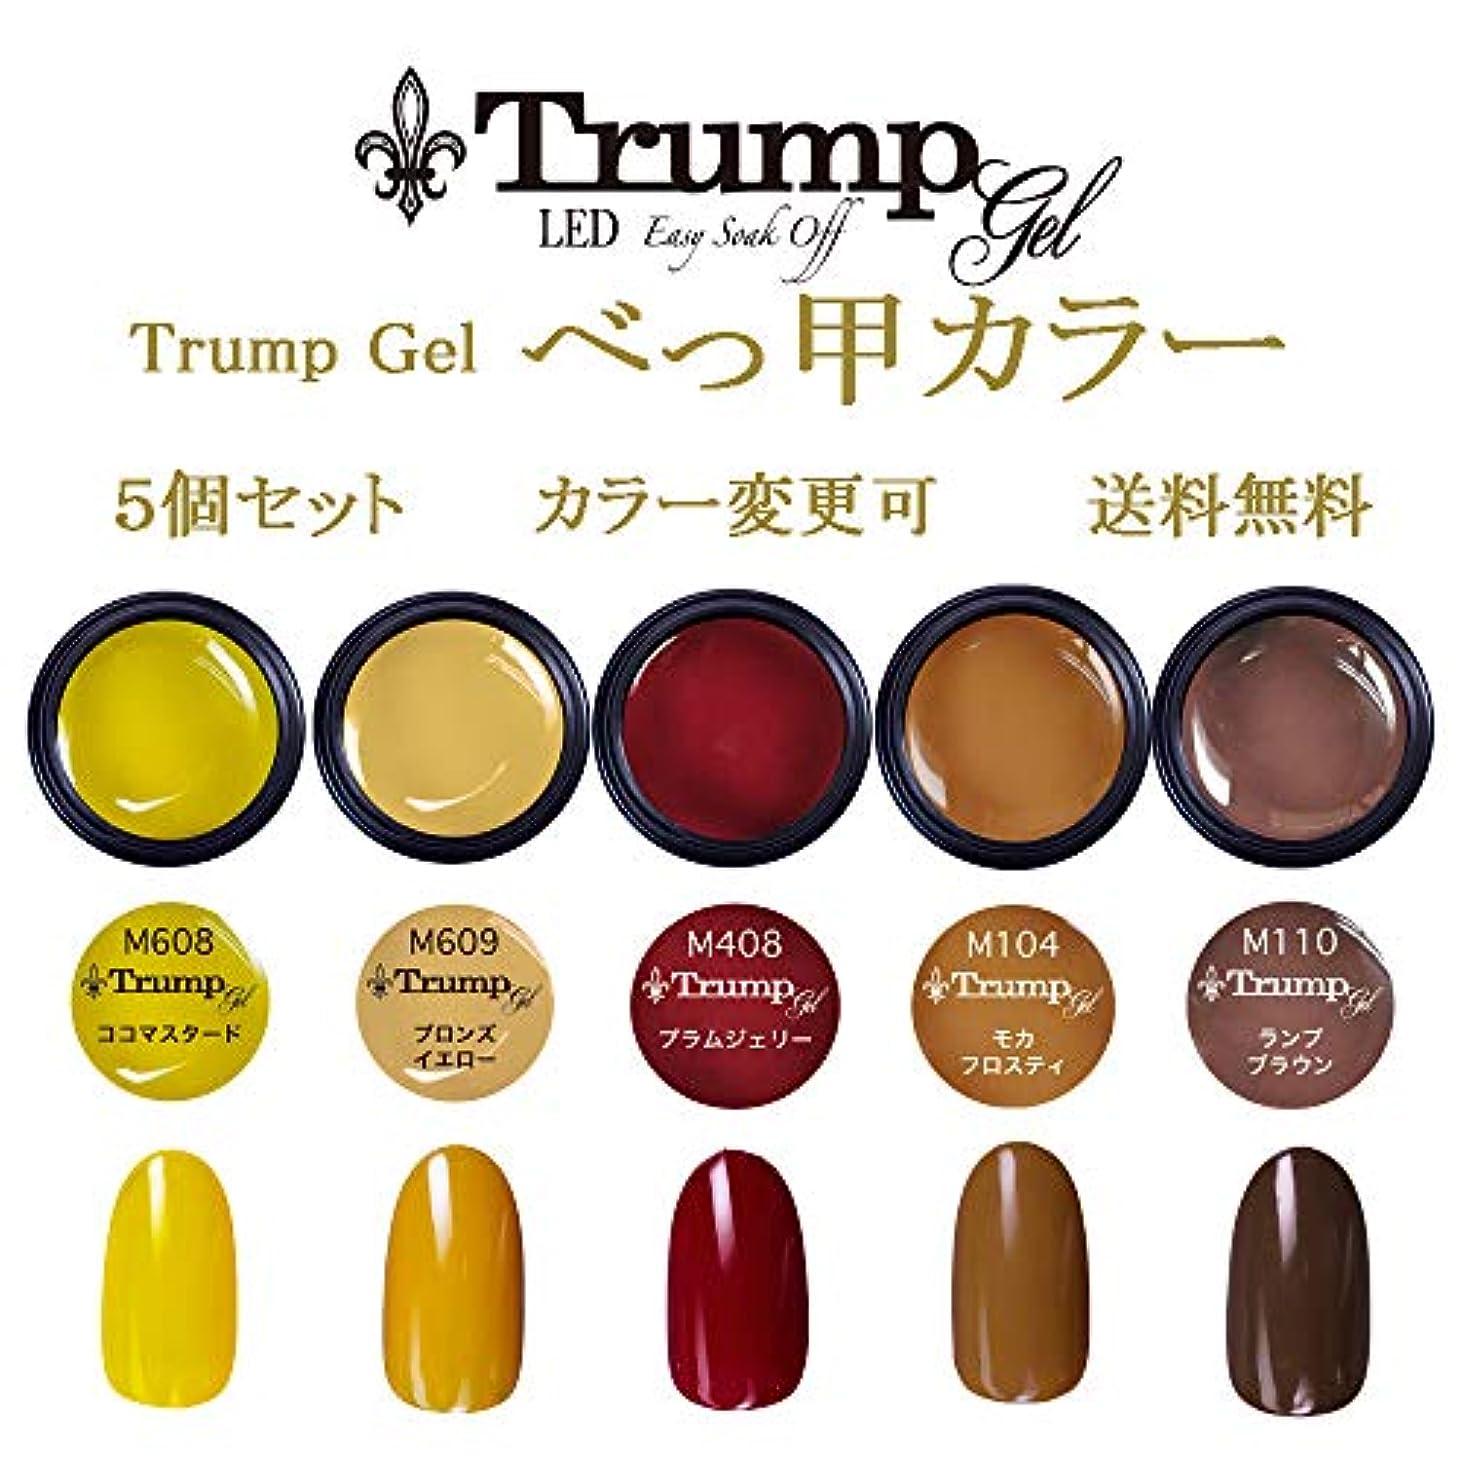 したいお嬢に話す日本製 Trump gel トランプジェル べっ甲 ネイルカラー 選べる カラージェル 5個セット イエロー ブラウン ワイン べっこう